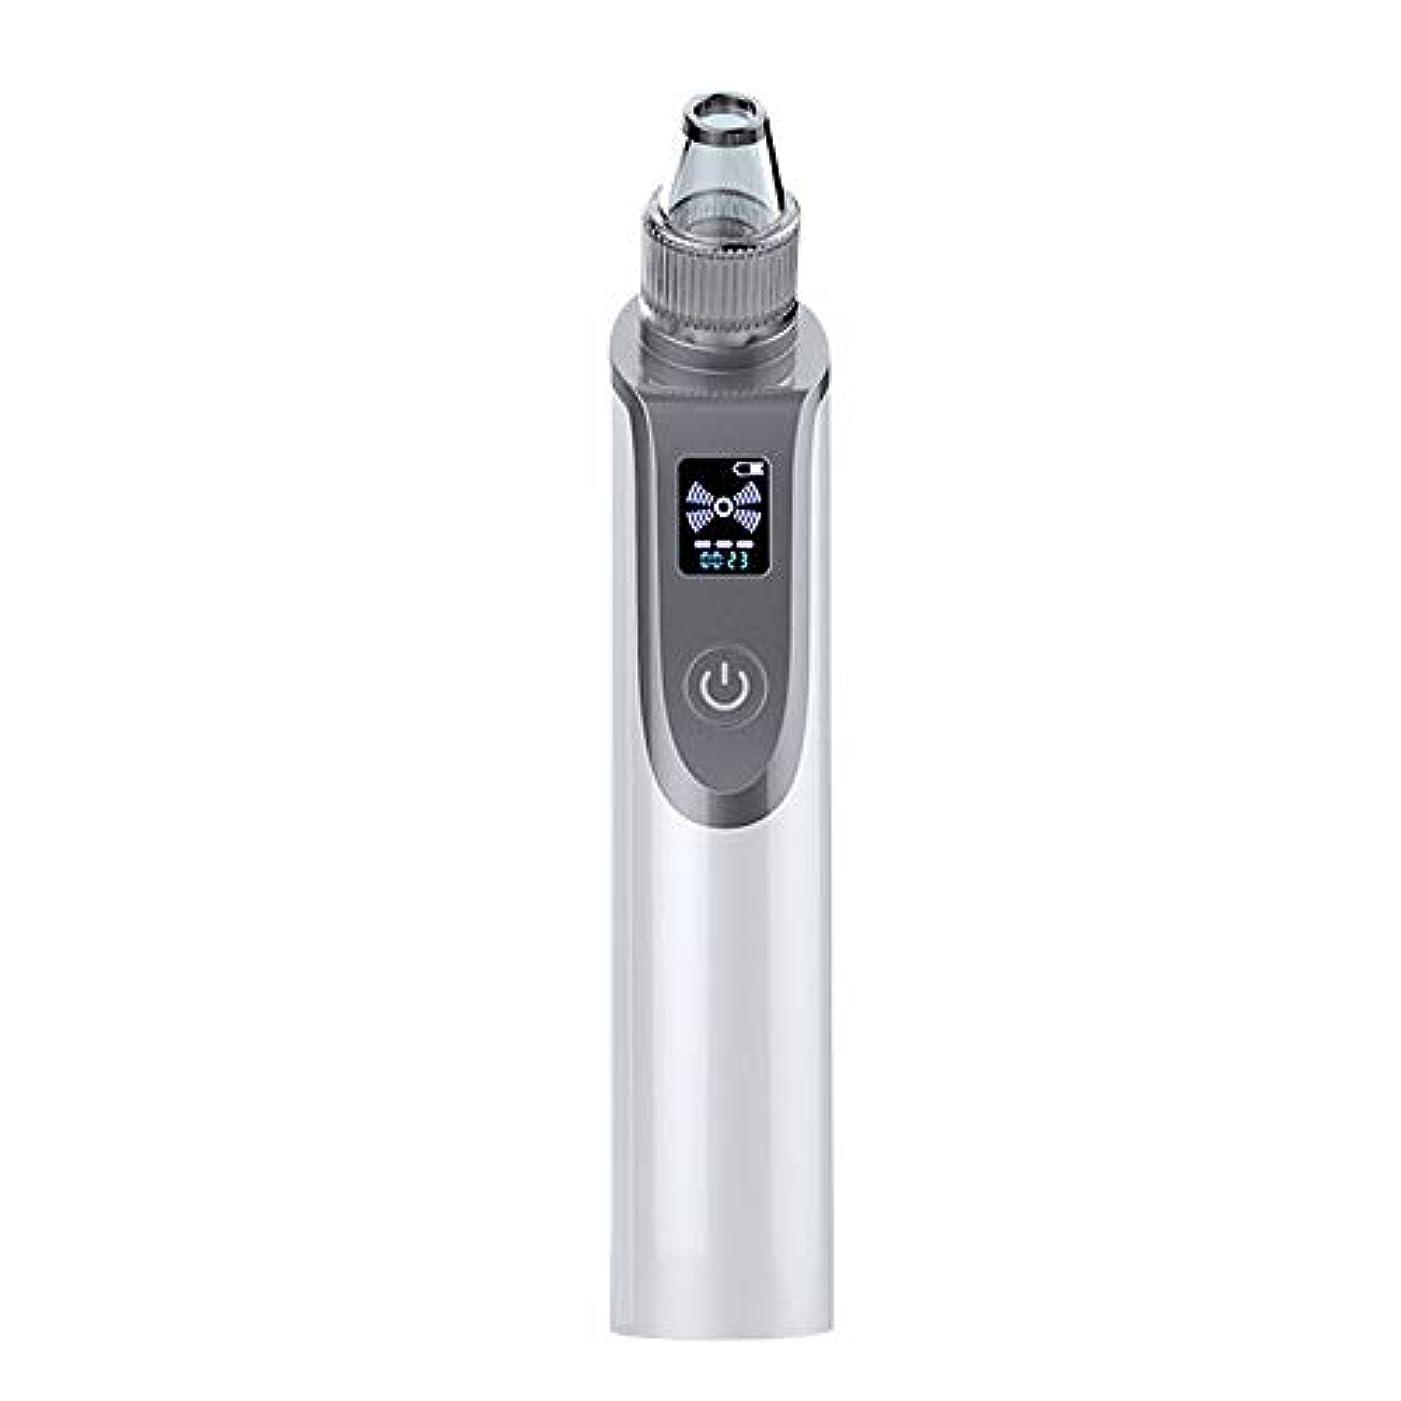 寄生虫プレゼンかわすにきび除去剤、にきび - にきび楽器 - 超音波美容器具 - 毛穴クリーナー